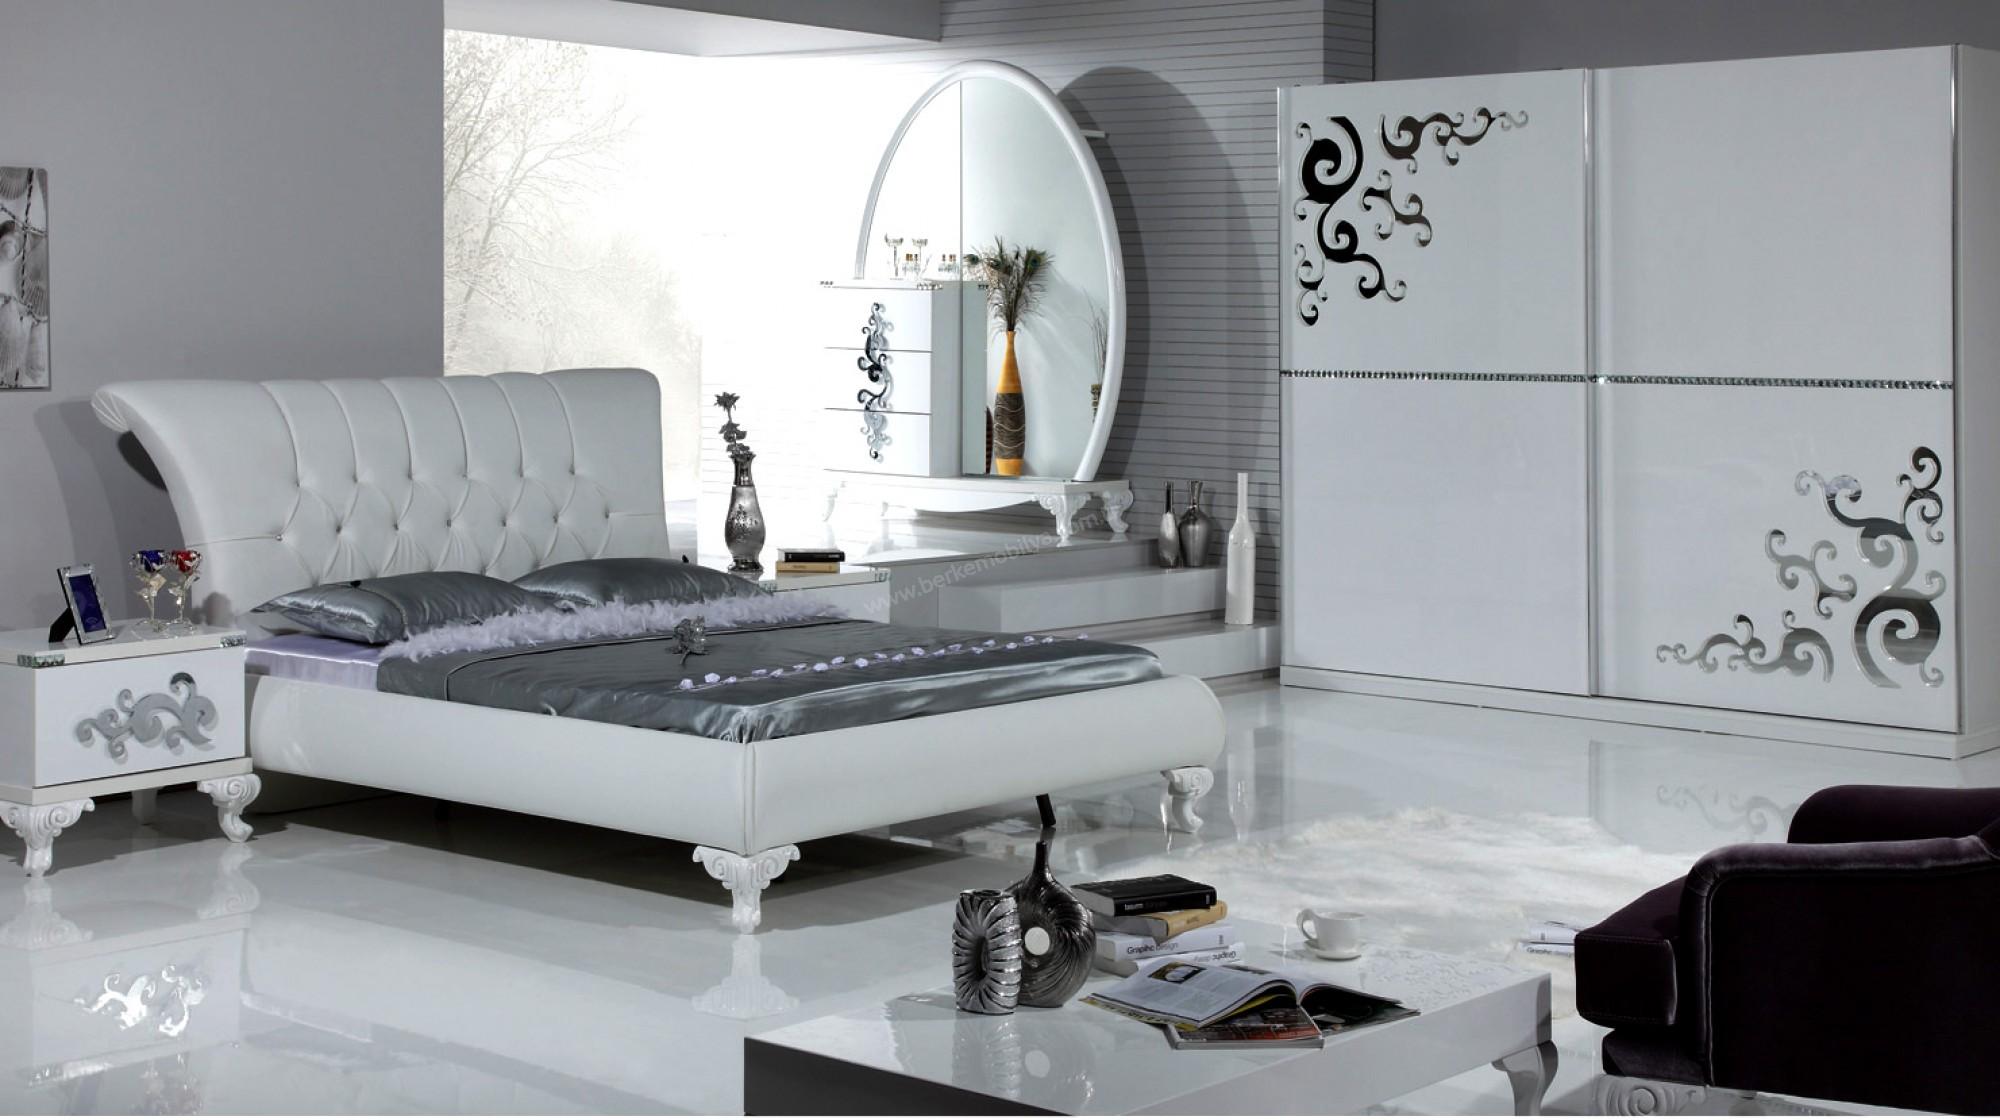 Ana Sayfa / Yatak Odası Takımları / Sedef Yatak Odası Takımı